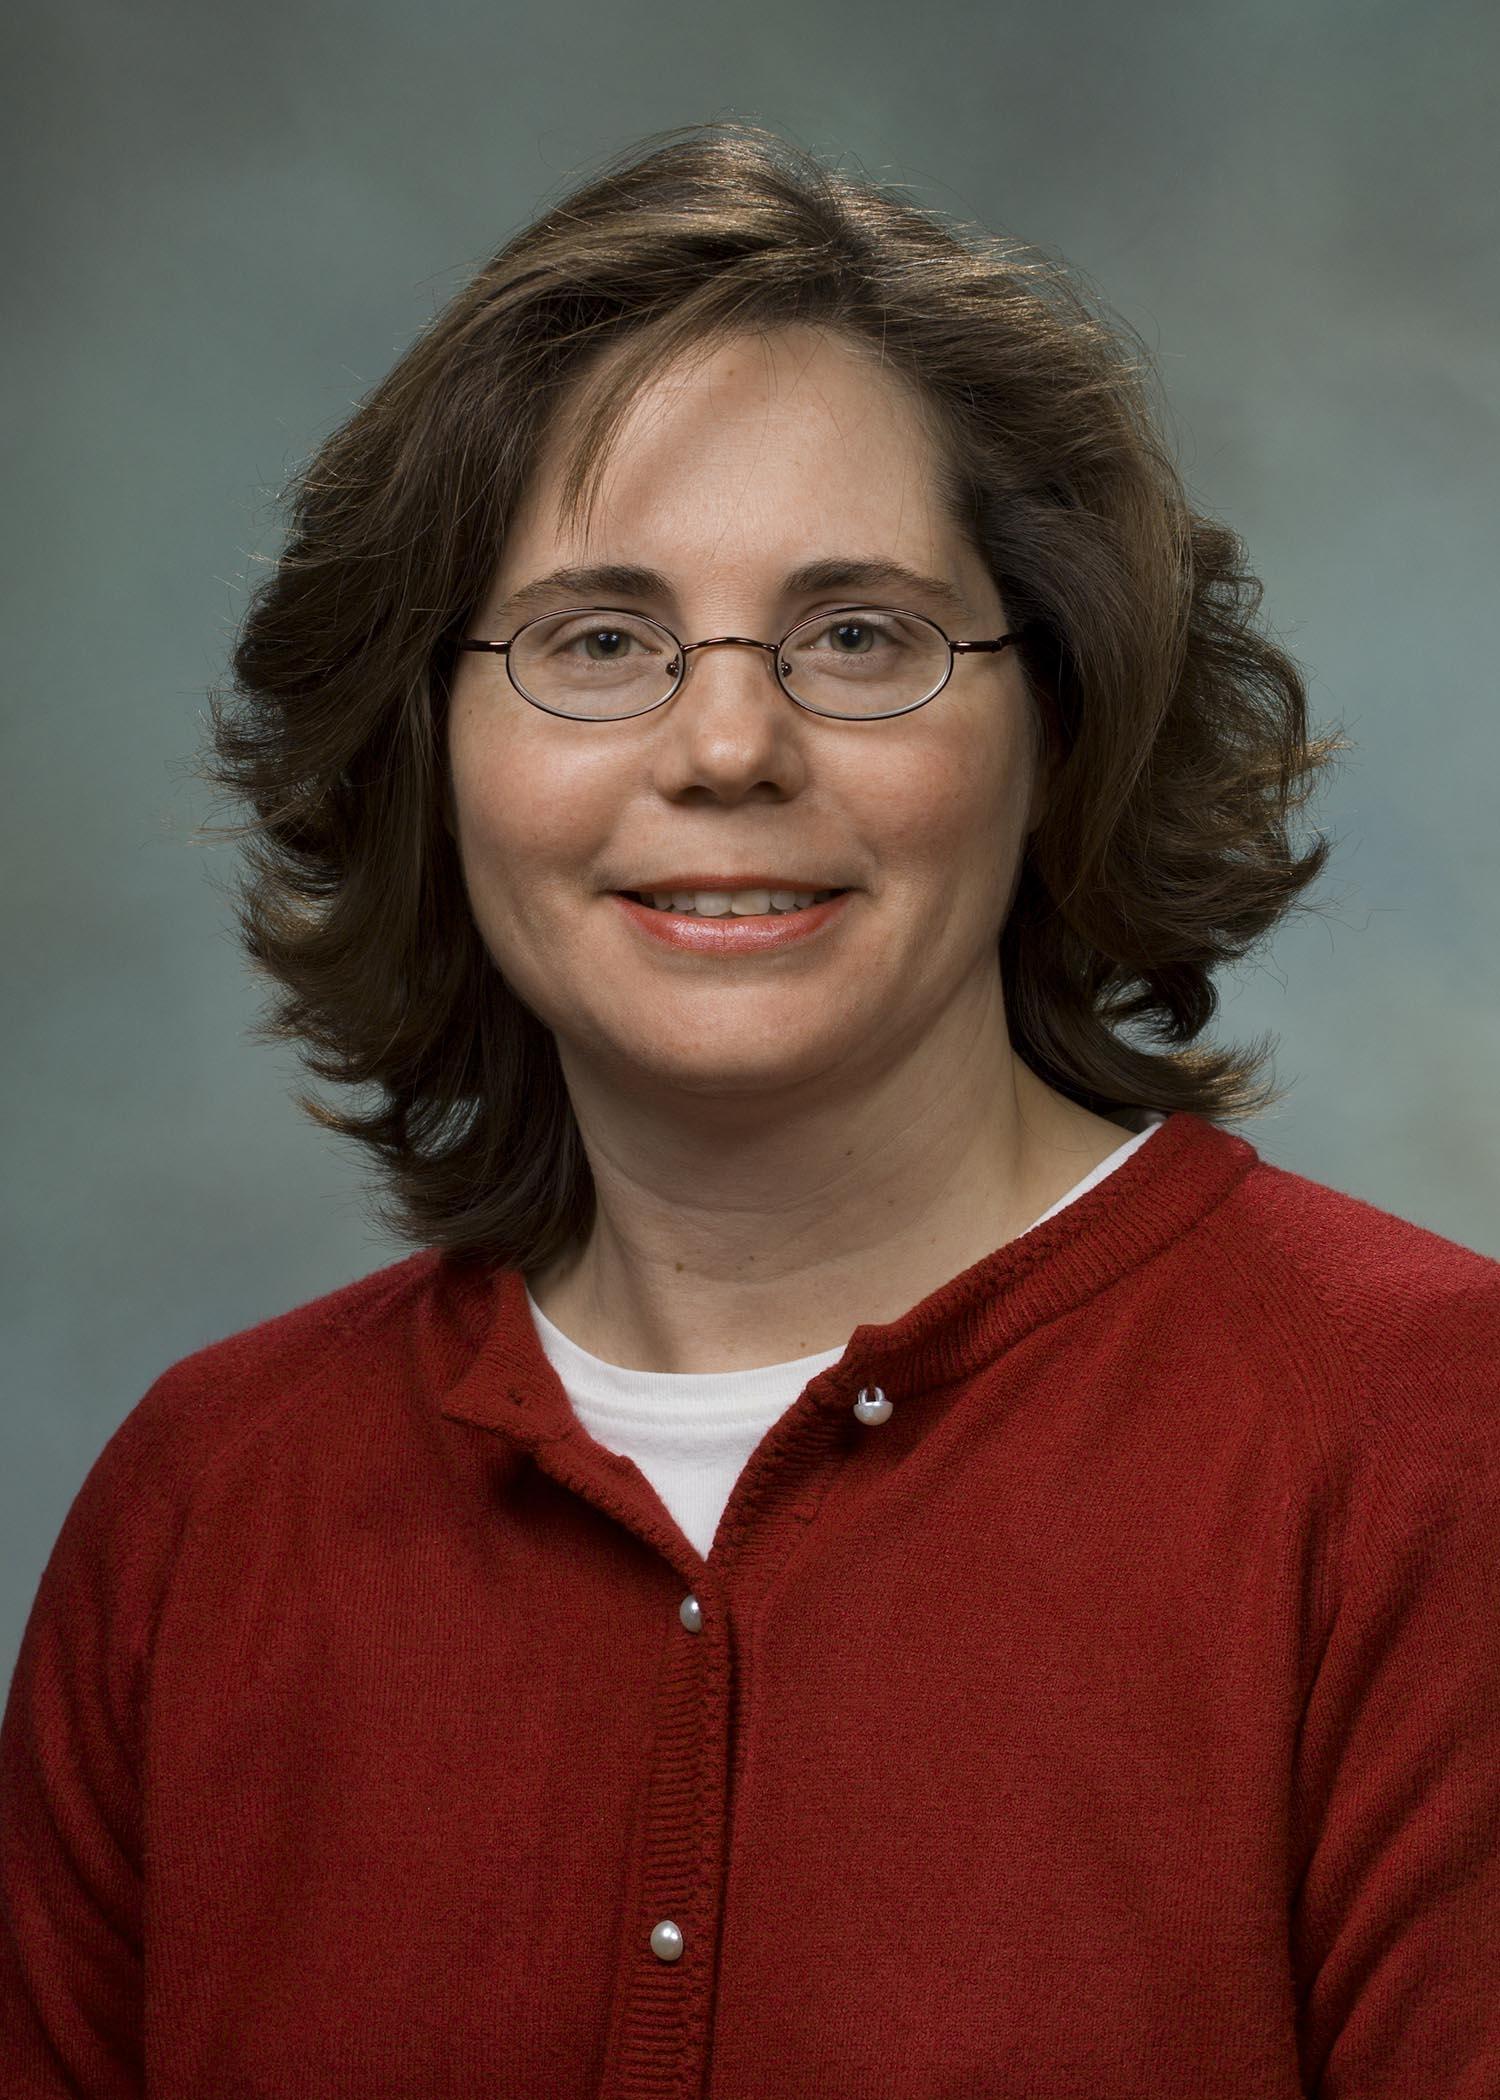 Allison F. Winkowski